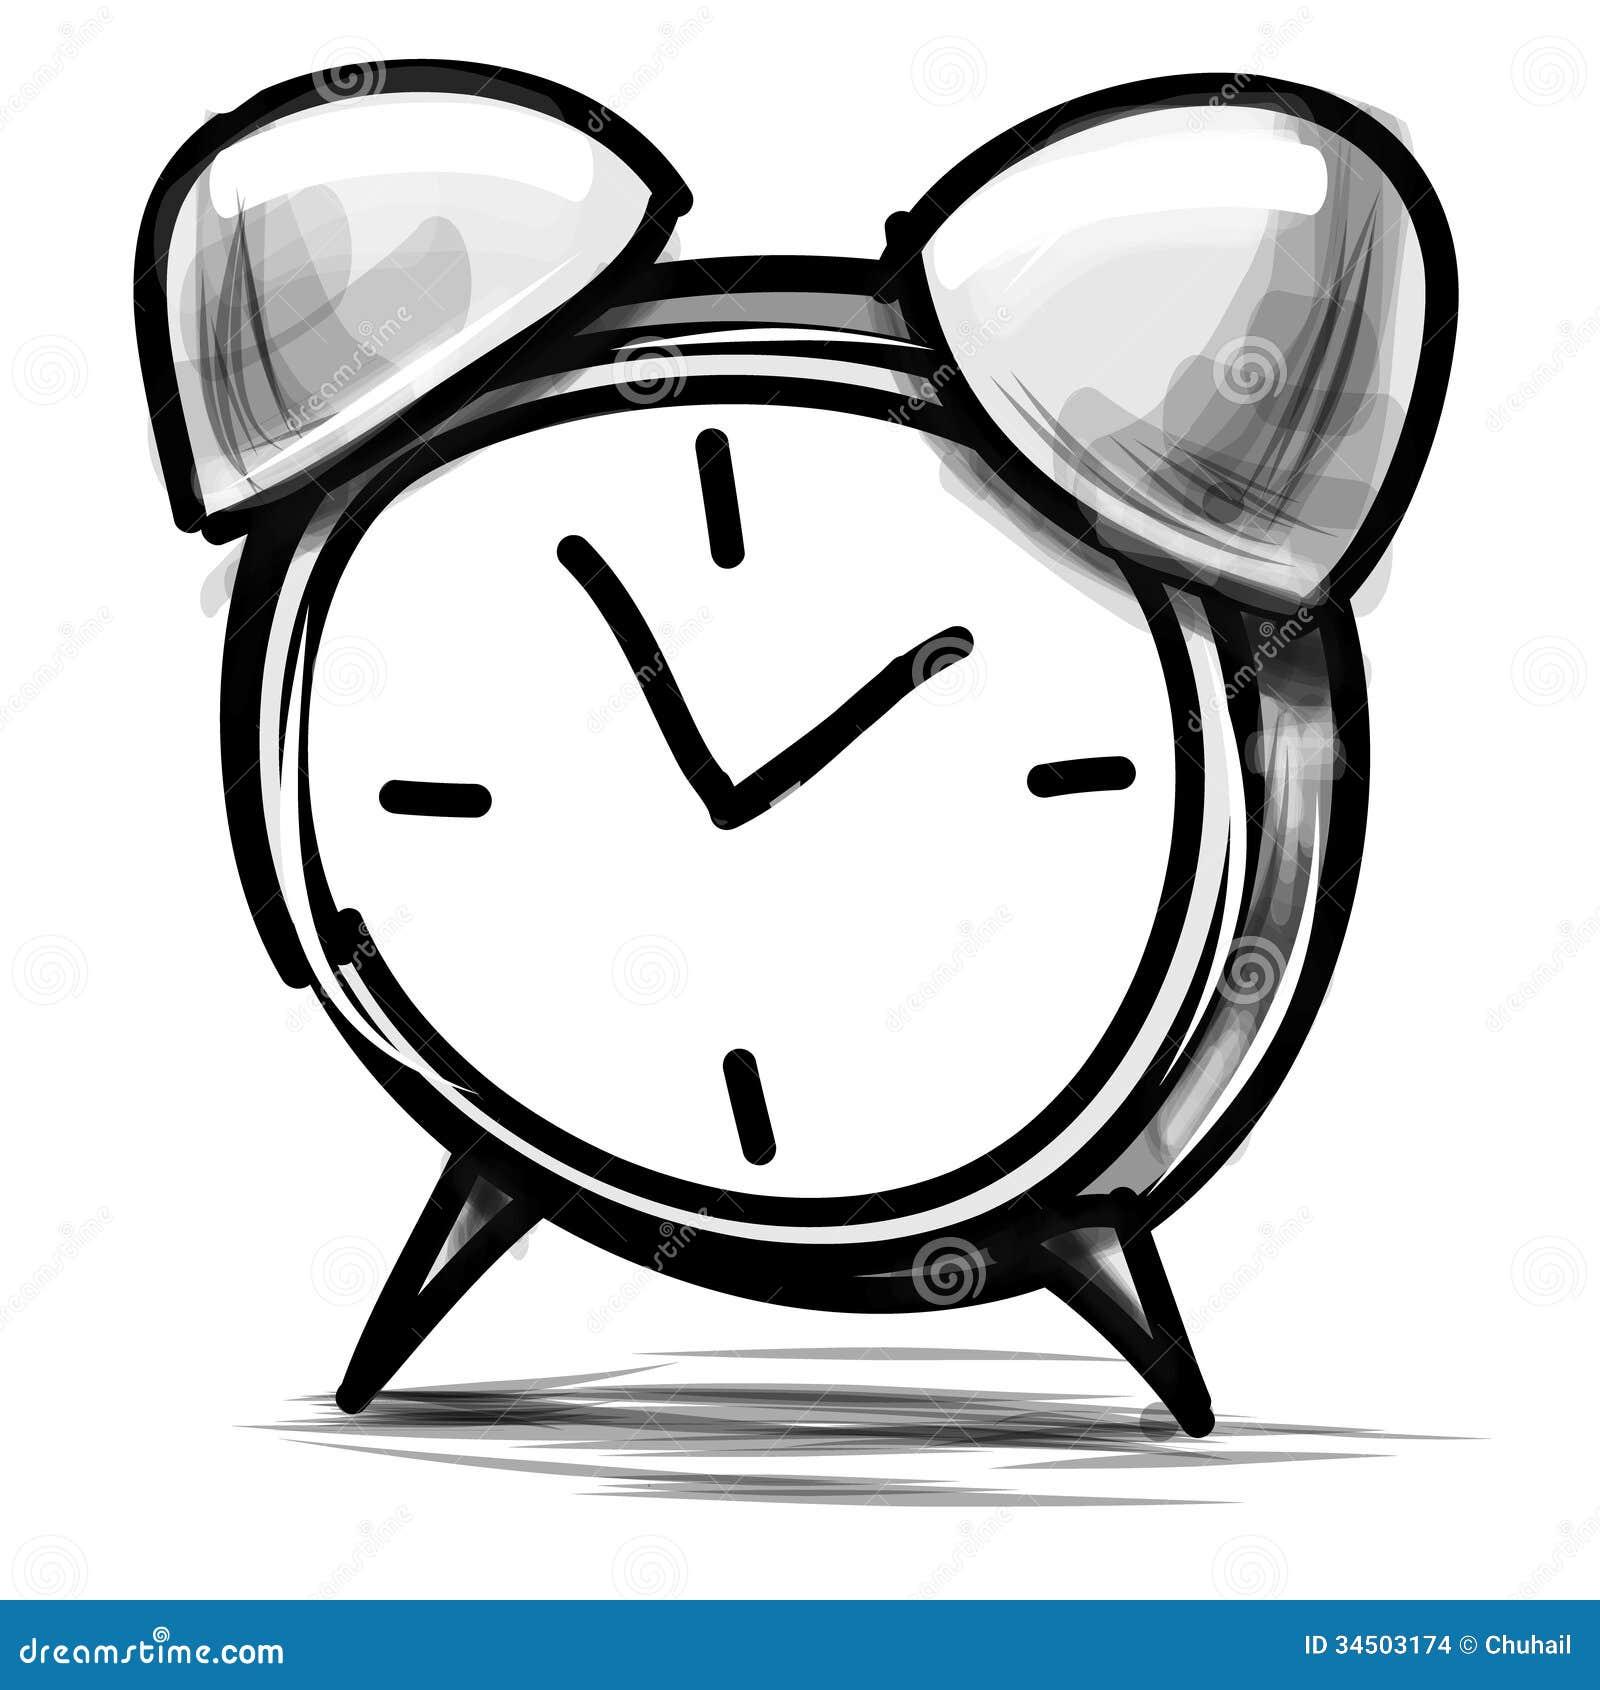 Alarm Clock Cartoon Sketch Vector Illustration Illustration 34503174